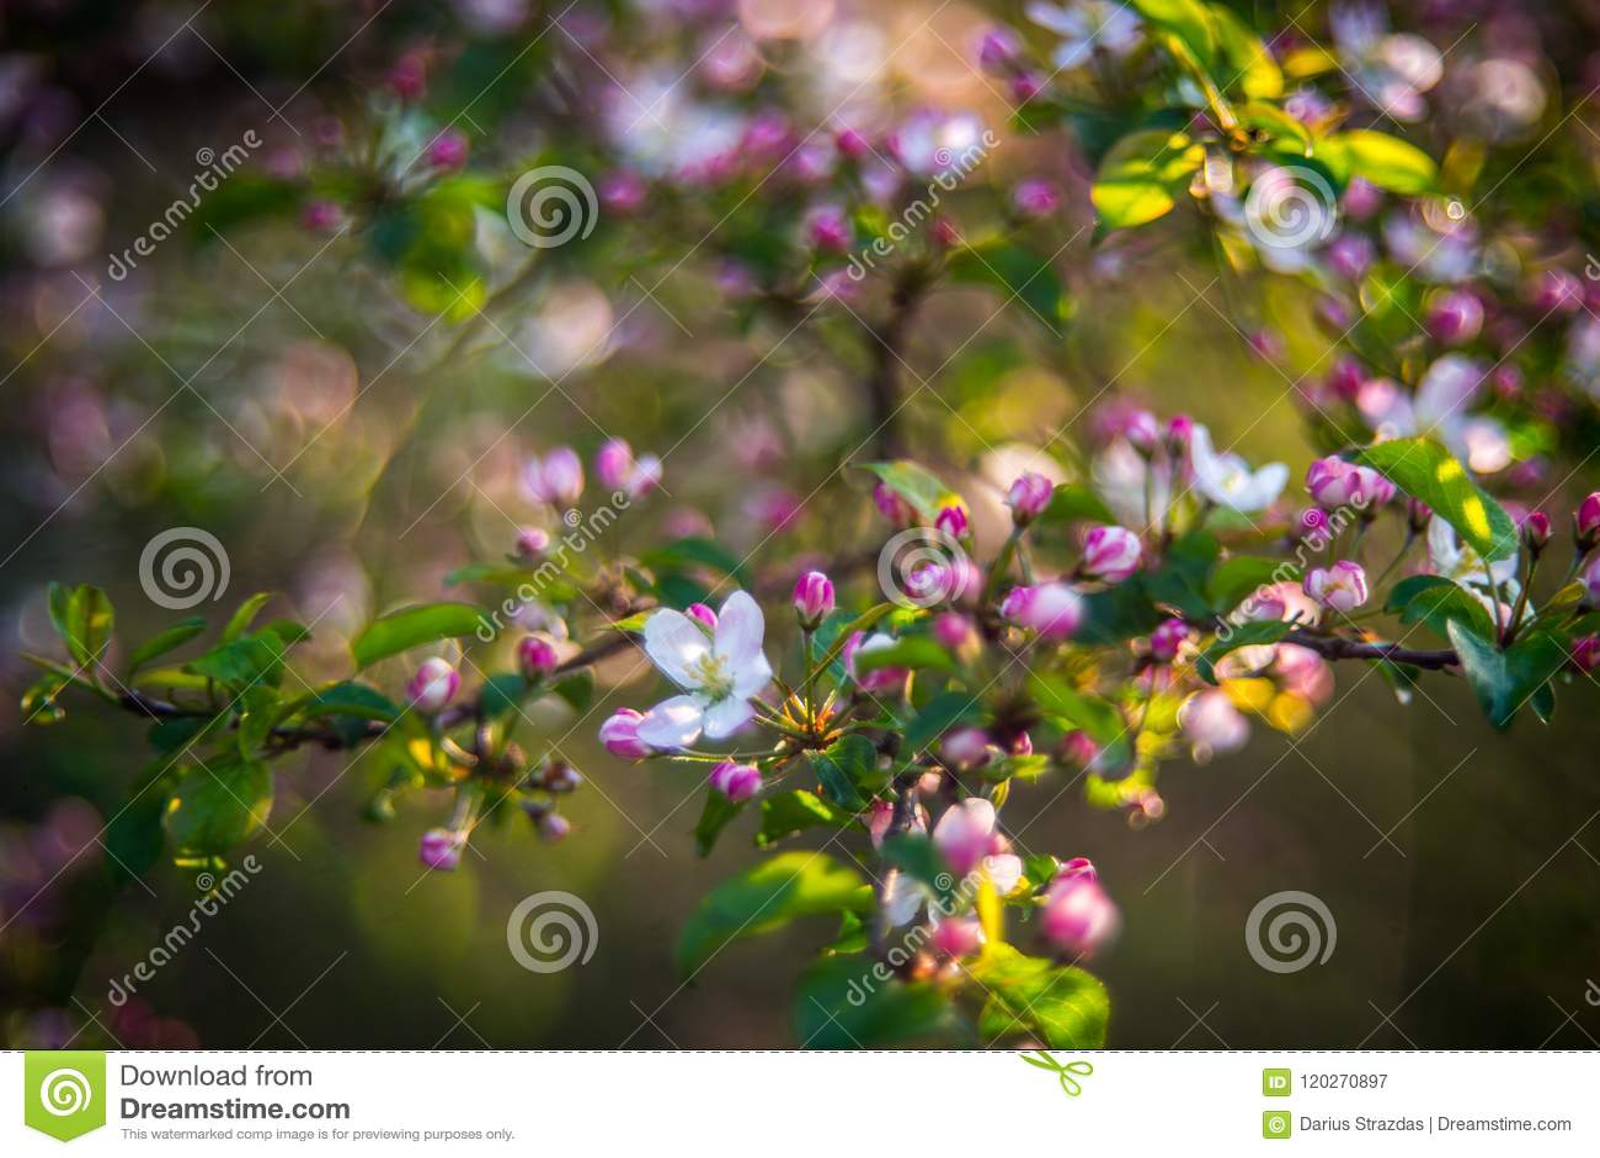 Apple tree blooming in pink